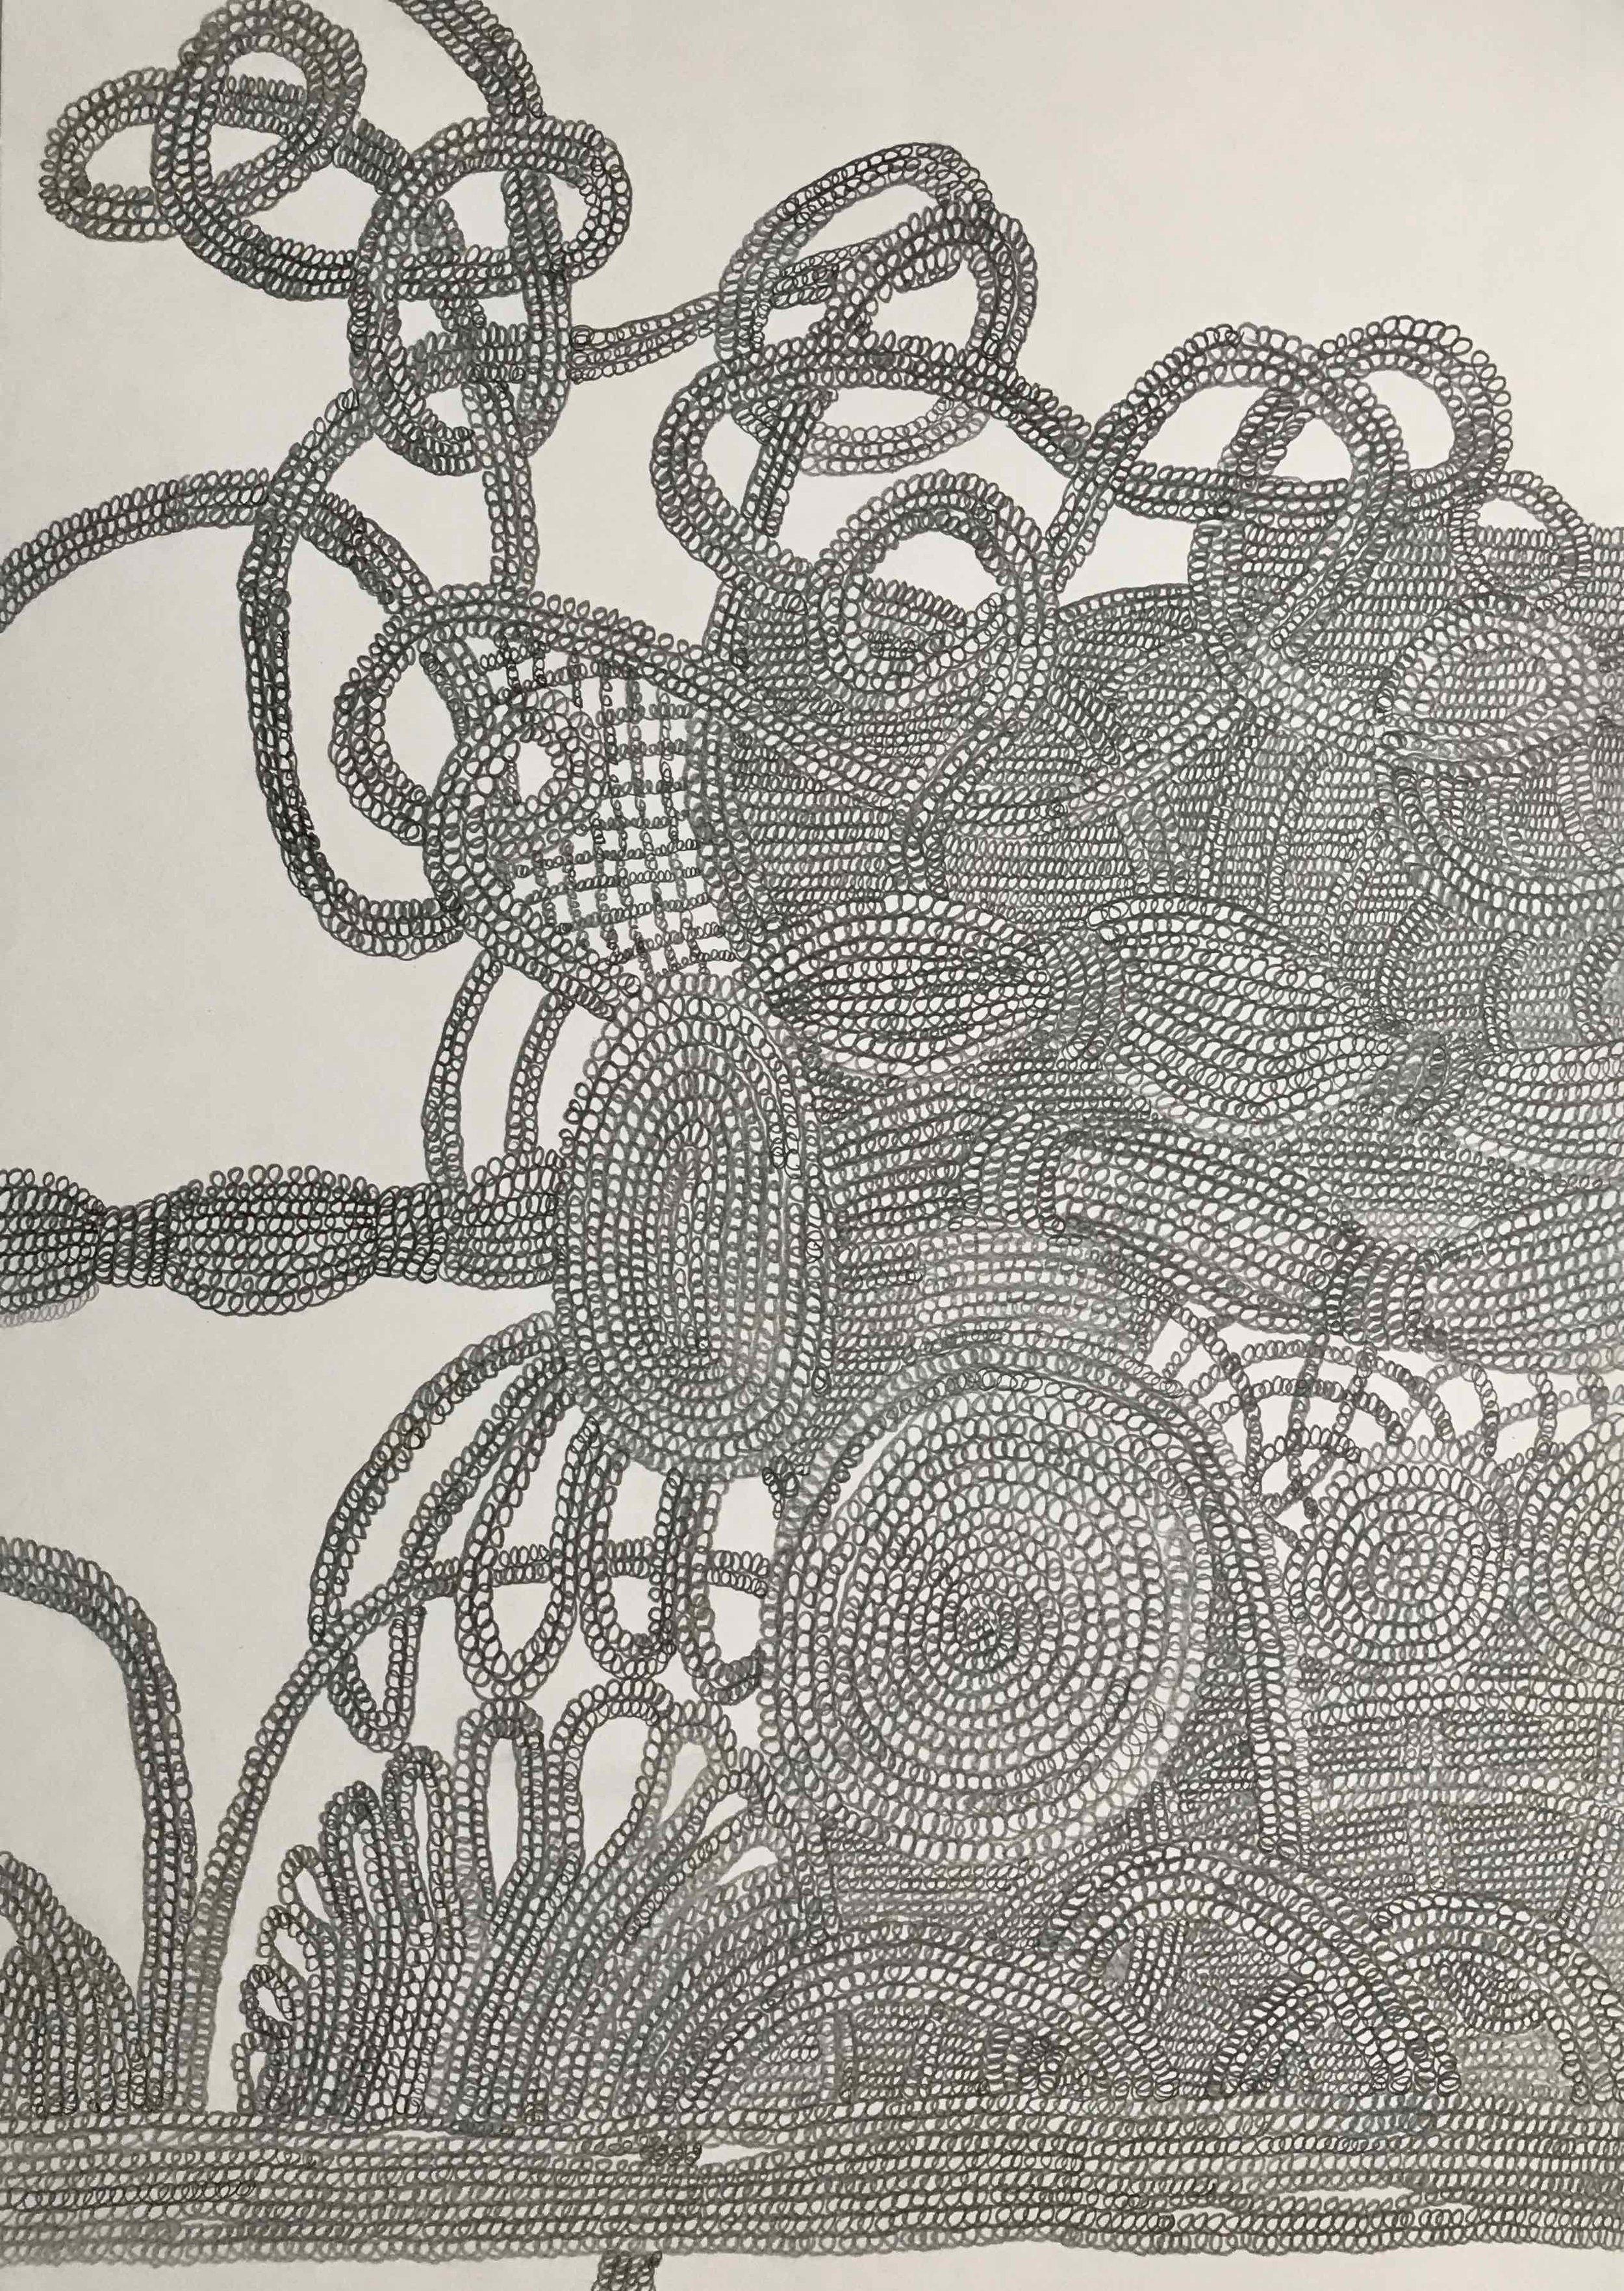 Turtegning  42x29,7cm blyant på papir 2015